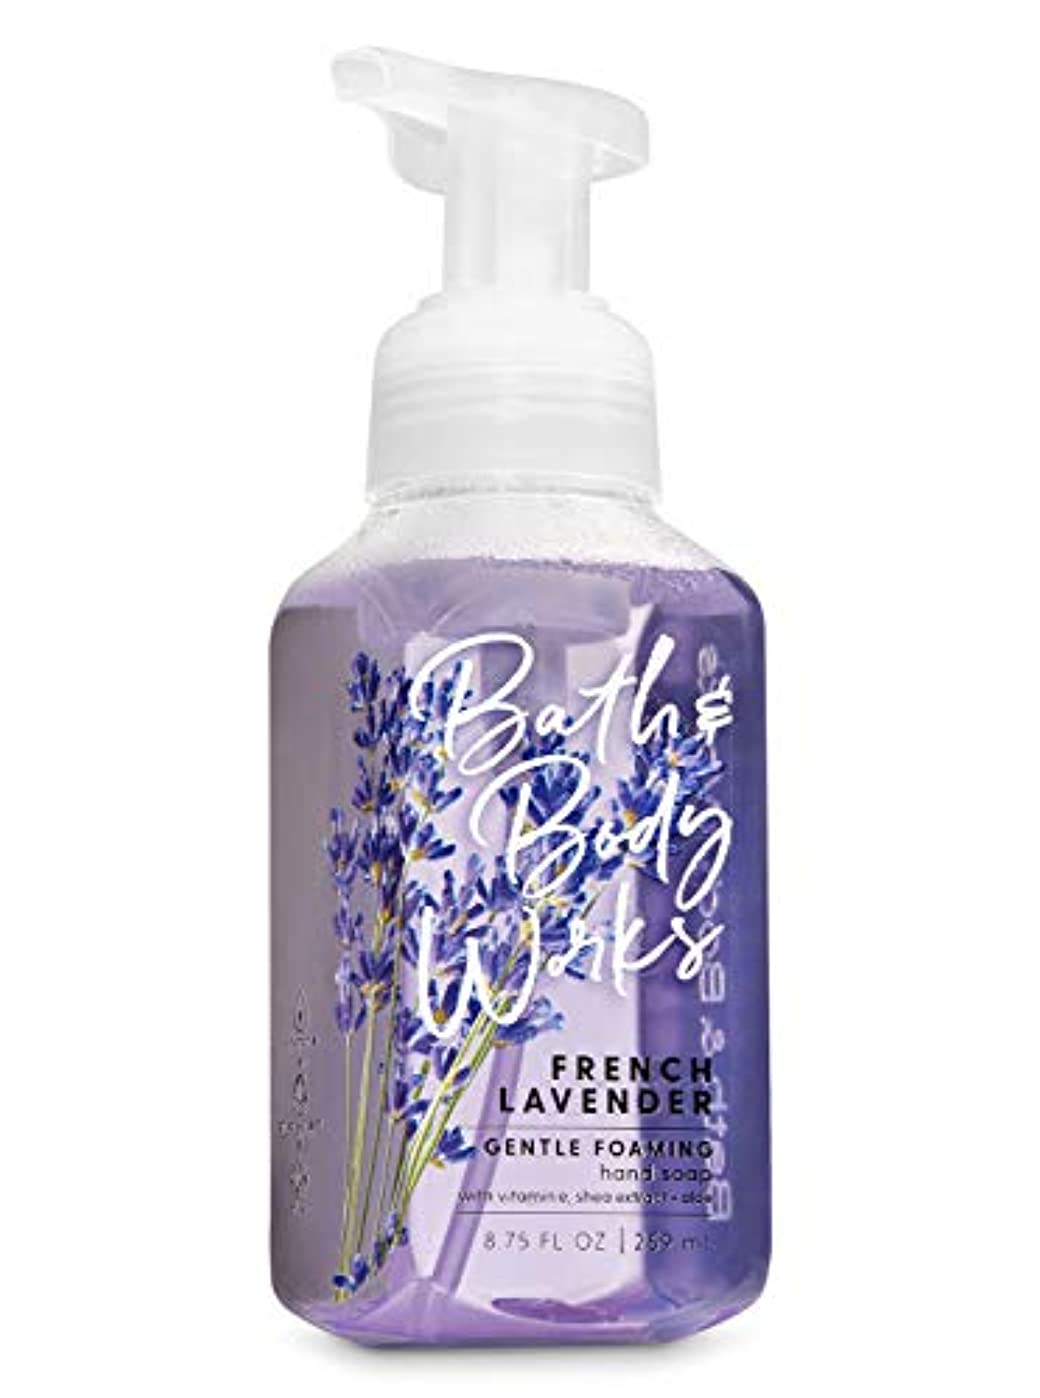 胸飾る推定するバス&ボディワークス フレンチラベンダー ジェントル フォーミング ハンドソープ French Lavender Gentle Foaming Hand Soap